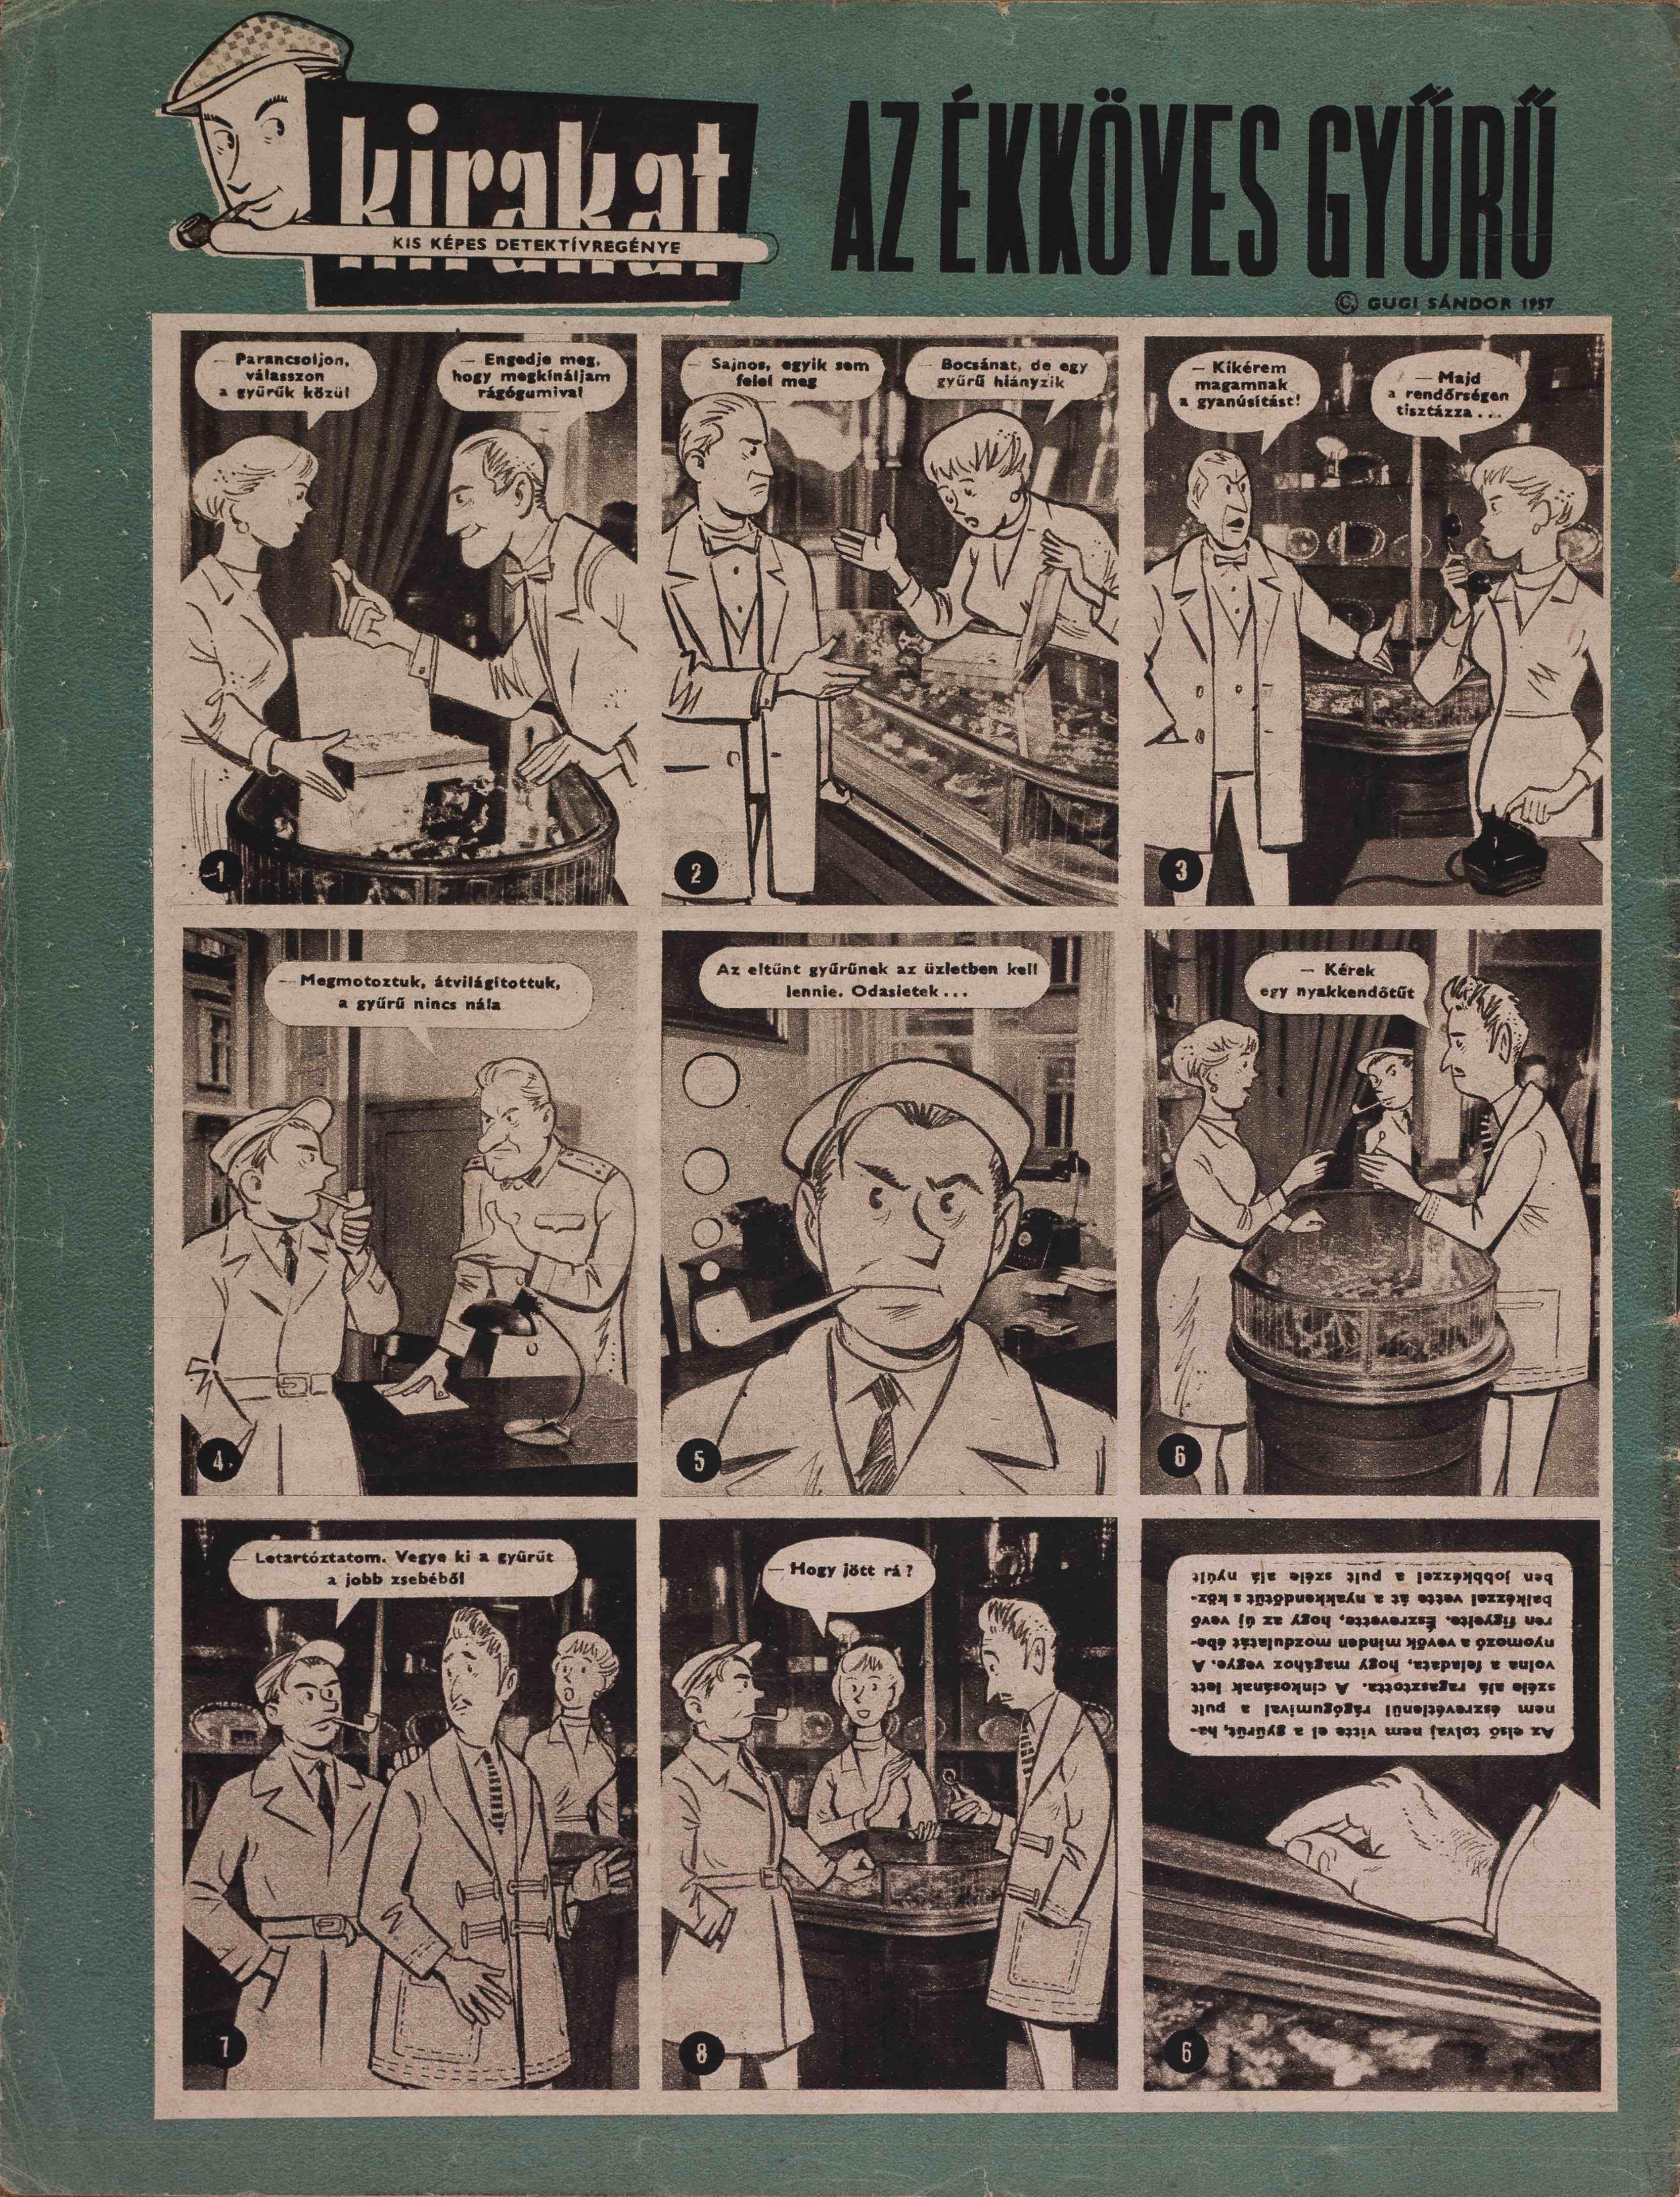 Az ékköves gyűrű<br />KIRAKAT, 1 1957.2.sz.<br /><br />GUGI SÁNDOR: KIS KÉPES DETEKTÍVREGÉNY:<br />Az udvarias nyomozó<br />KIRAKAT, 1 1957.1.sz.-1957.1.sz. (foto + rajz)<br />Az ékköves gyűrű<br />KIRAKAT, 1 1957.2.sz.-1957.2.sz. (foto + rajz)<br />Hogy jött rá?<br />KIRAKAT, 1 1957.3.sz.-1957.3.sz. (foto + rajz)<br />Bütyök tiszta munkája<br />KIRAKAT, 1 1957.4.sz.-1957.4.sz. (foto + rajz)<br />